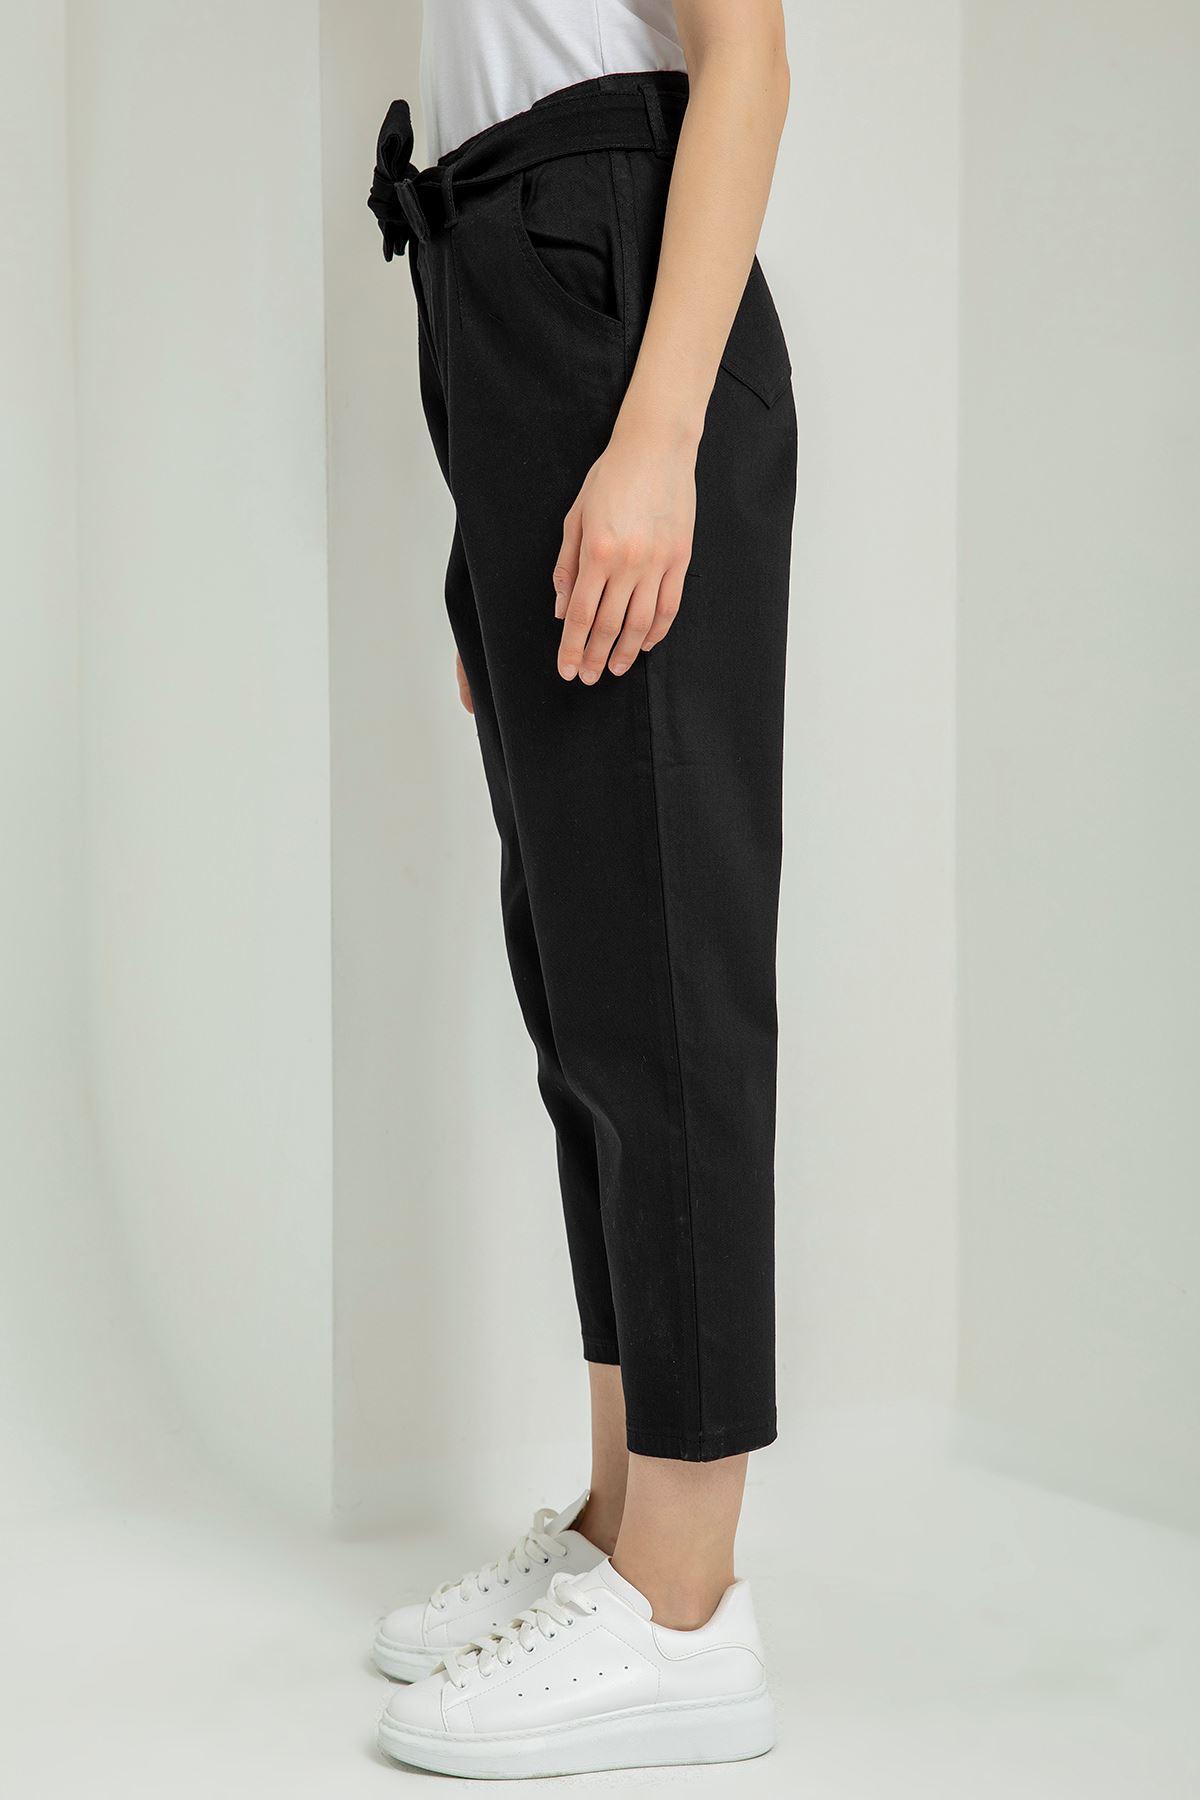 Kuşaklı Boyfrıend Pantolon-Siyah